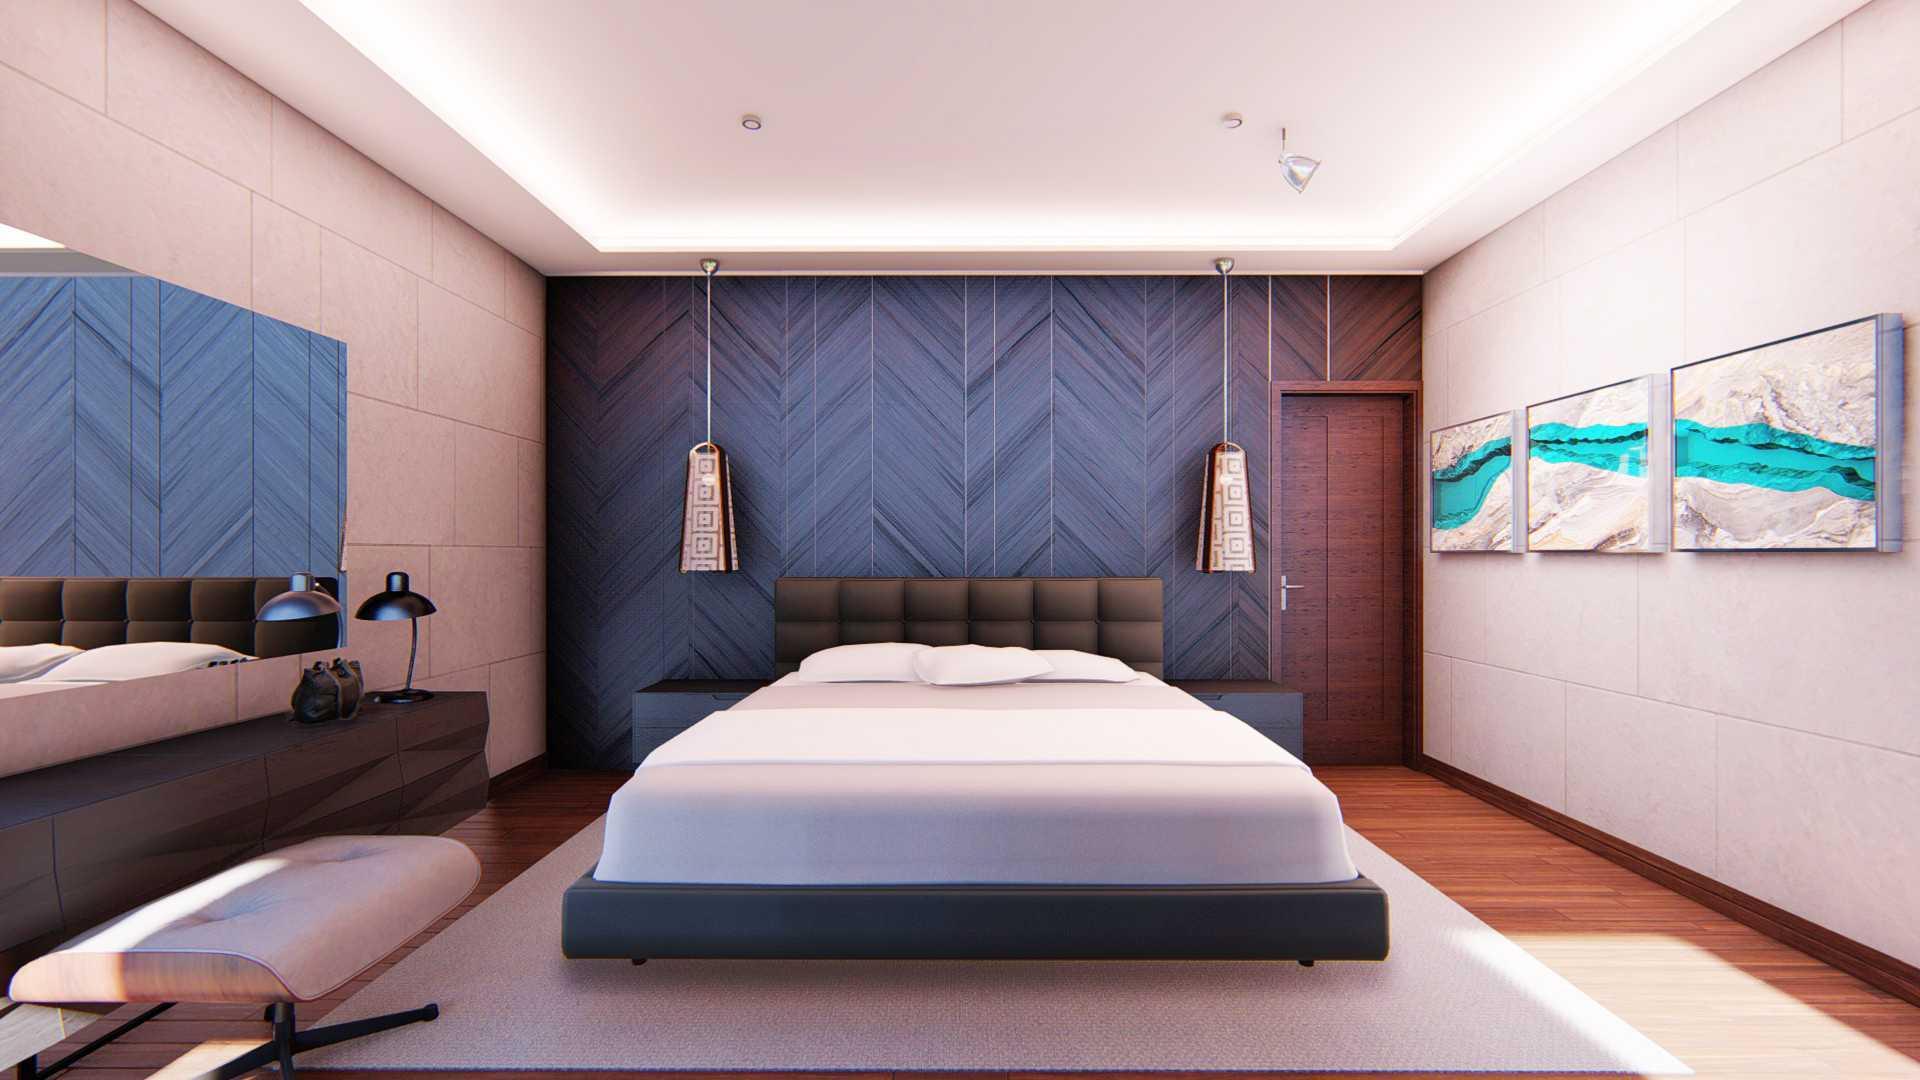 Aeternite Terrace House Semarang, Kota Semarang, Jawa Tengah, Indonesia Semarang, Kota Semarang, Jawa Tengah, Indonesia Aeternite-Terrace-House   56464